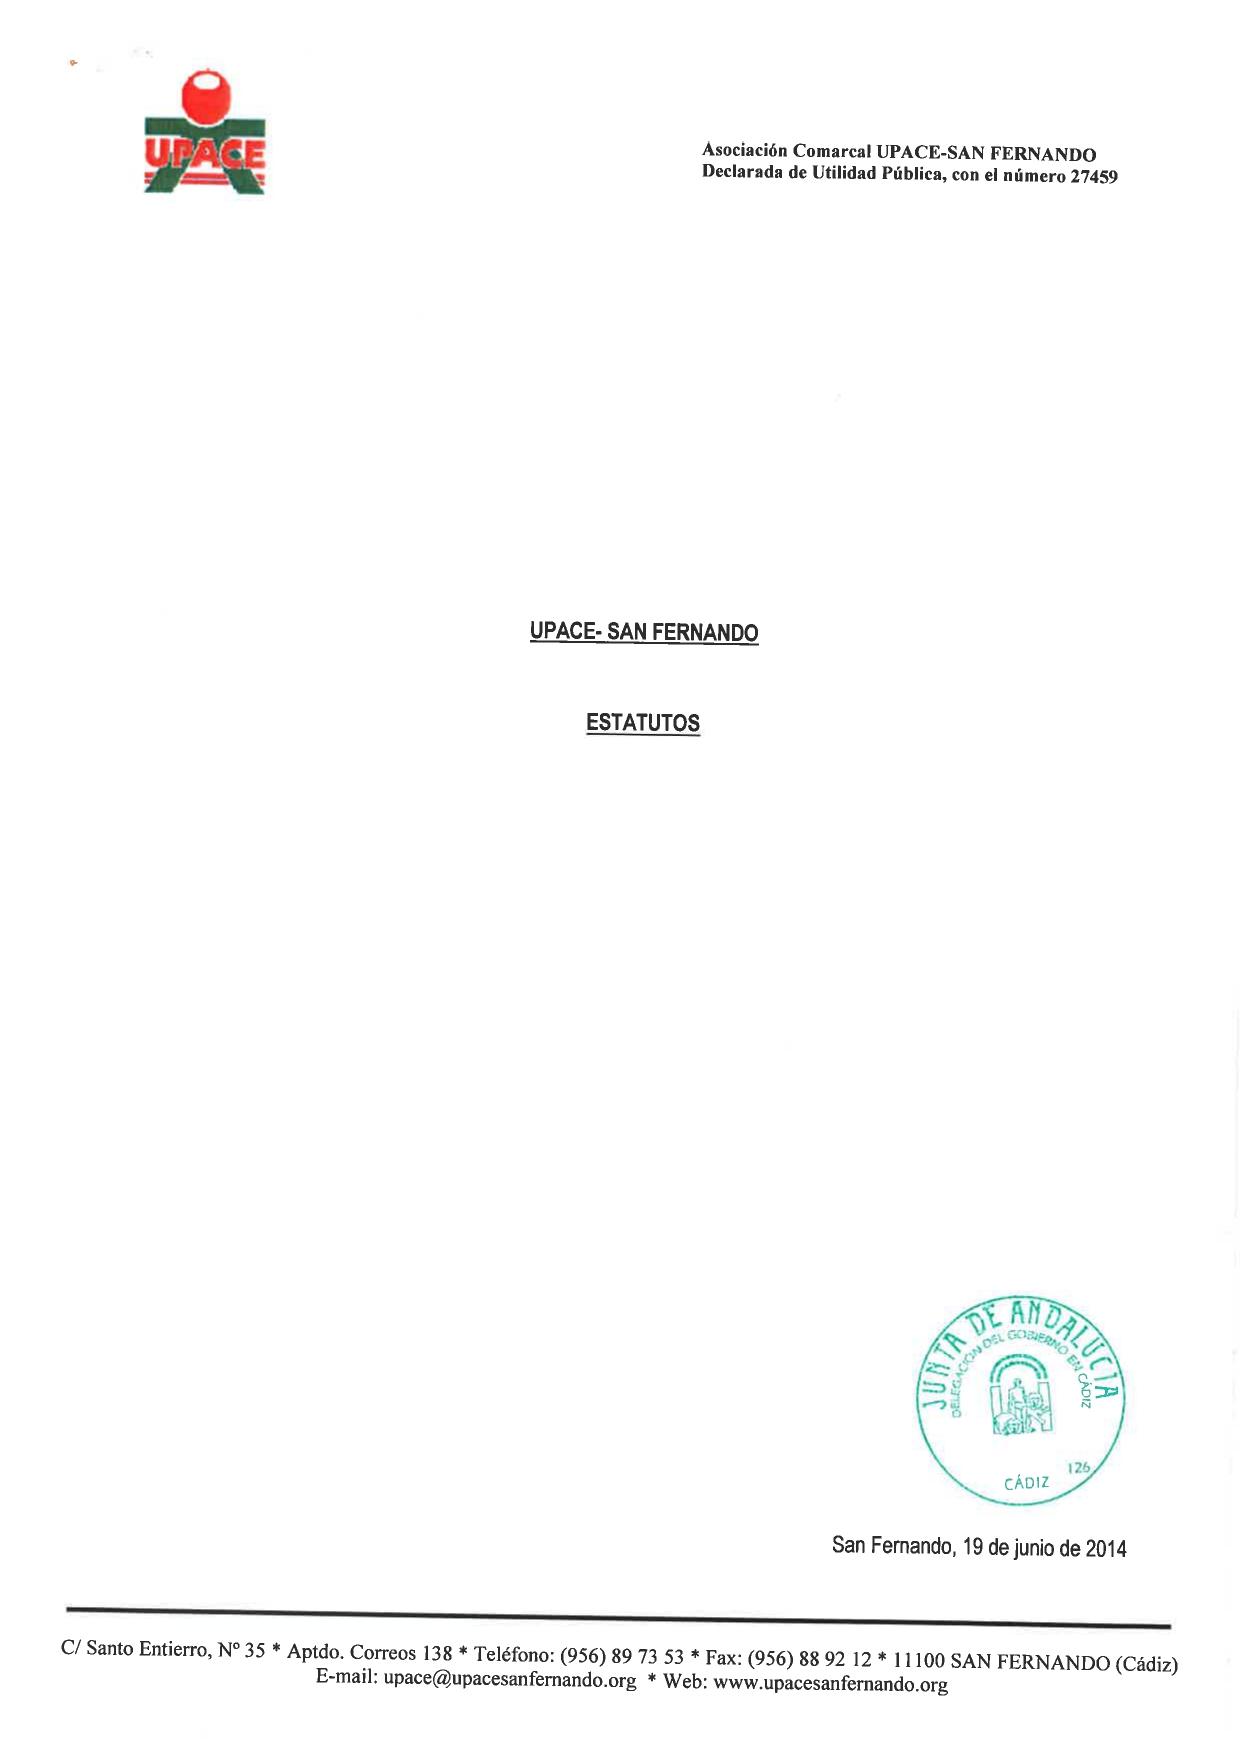 ESTATUTOS-19-06-2014_page-0001